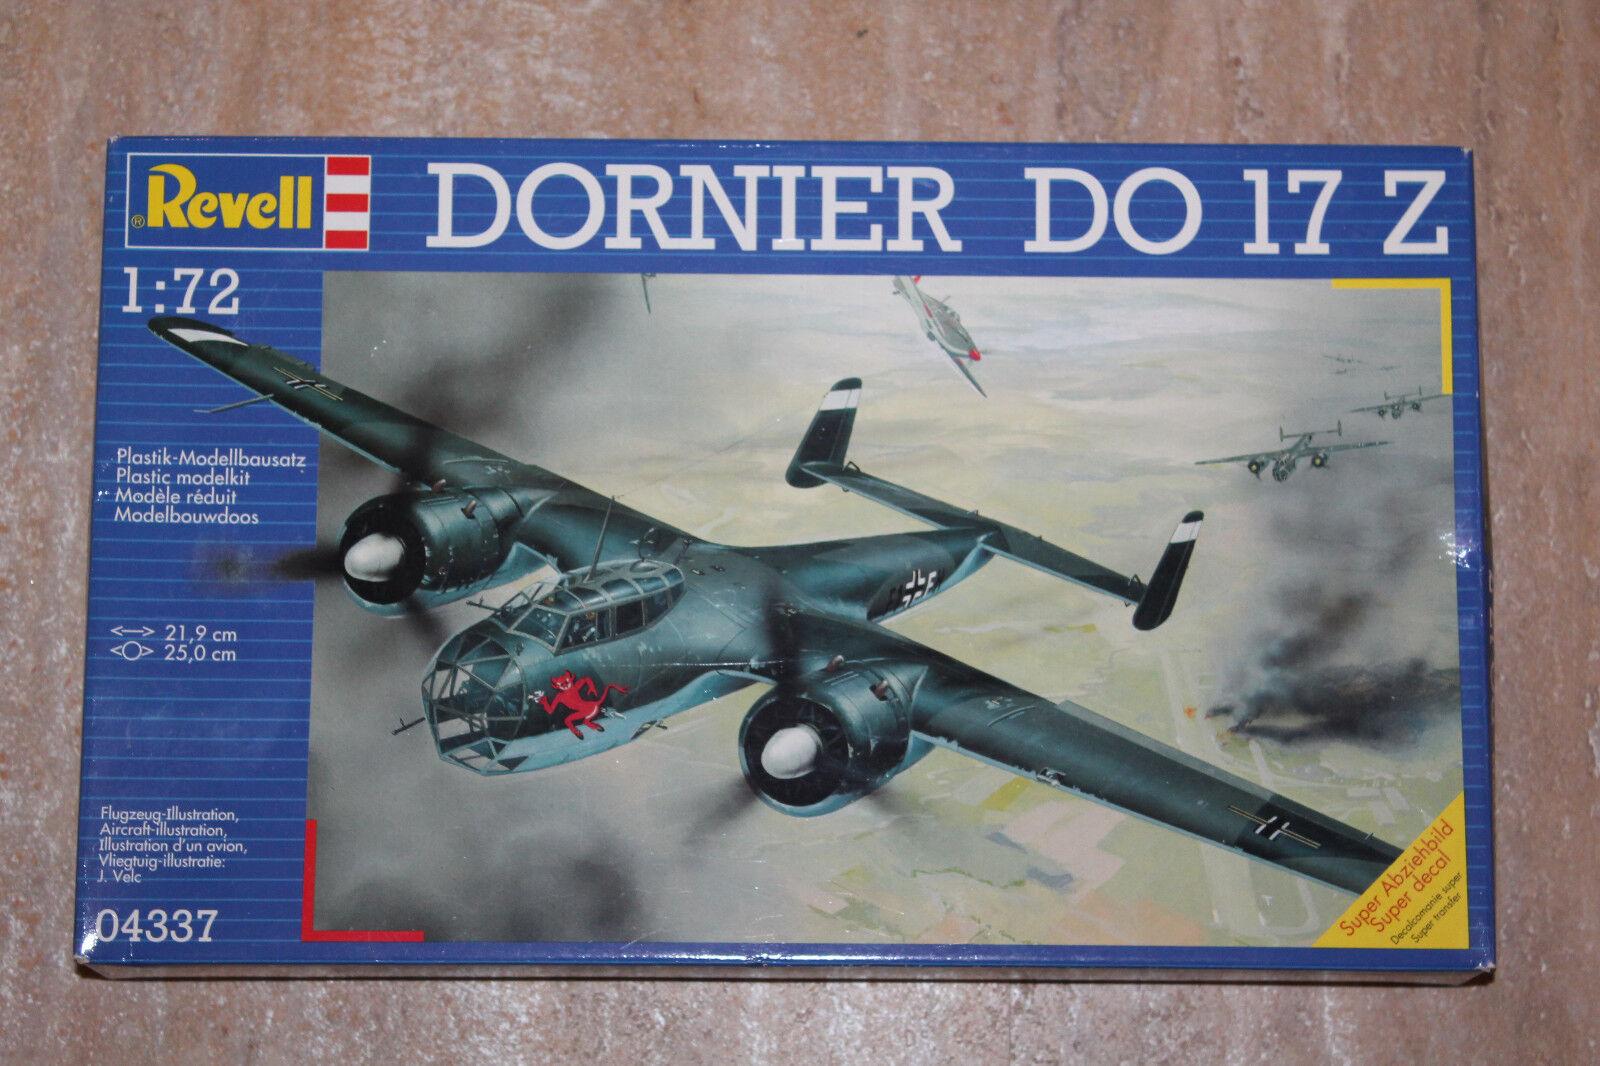 Revell 04655 Bausatz Kit in 1:72 Dornier Do 17 Z-2